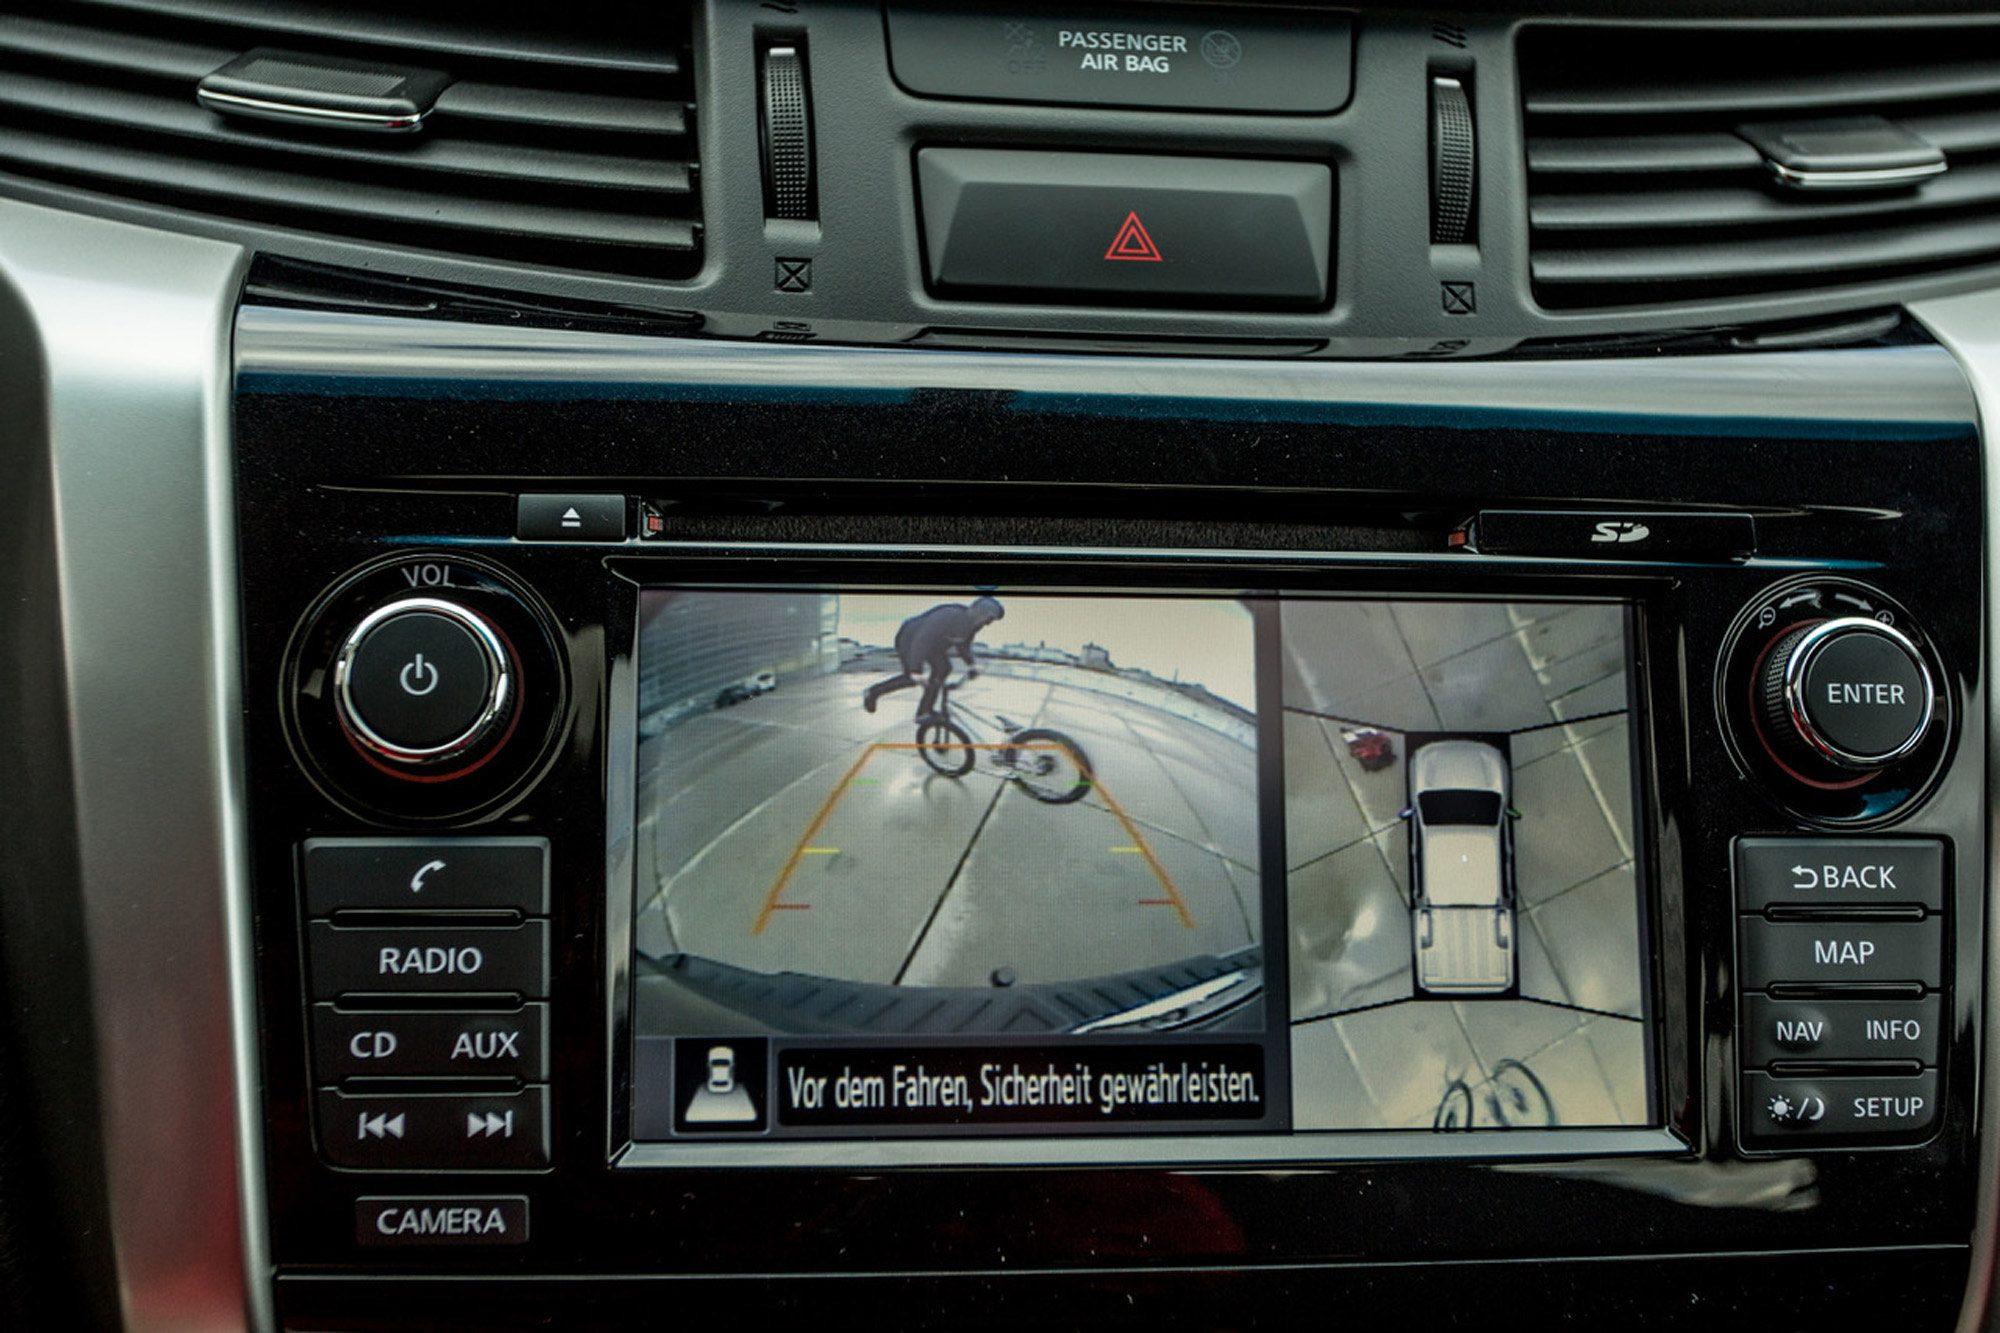 Dominik Raab macht einen Trick gefilmt von der Kamera seines Nissan Navaras